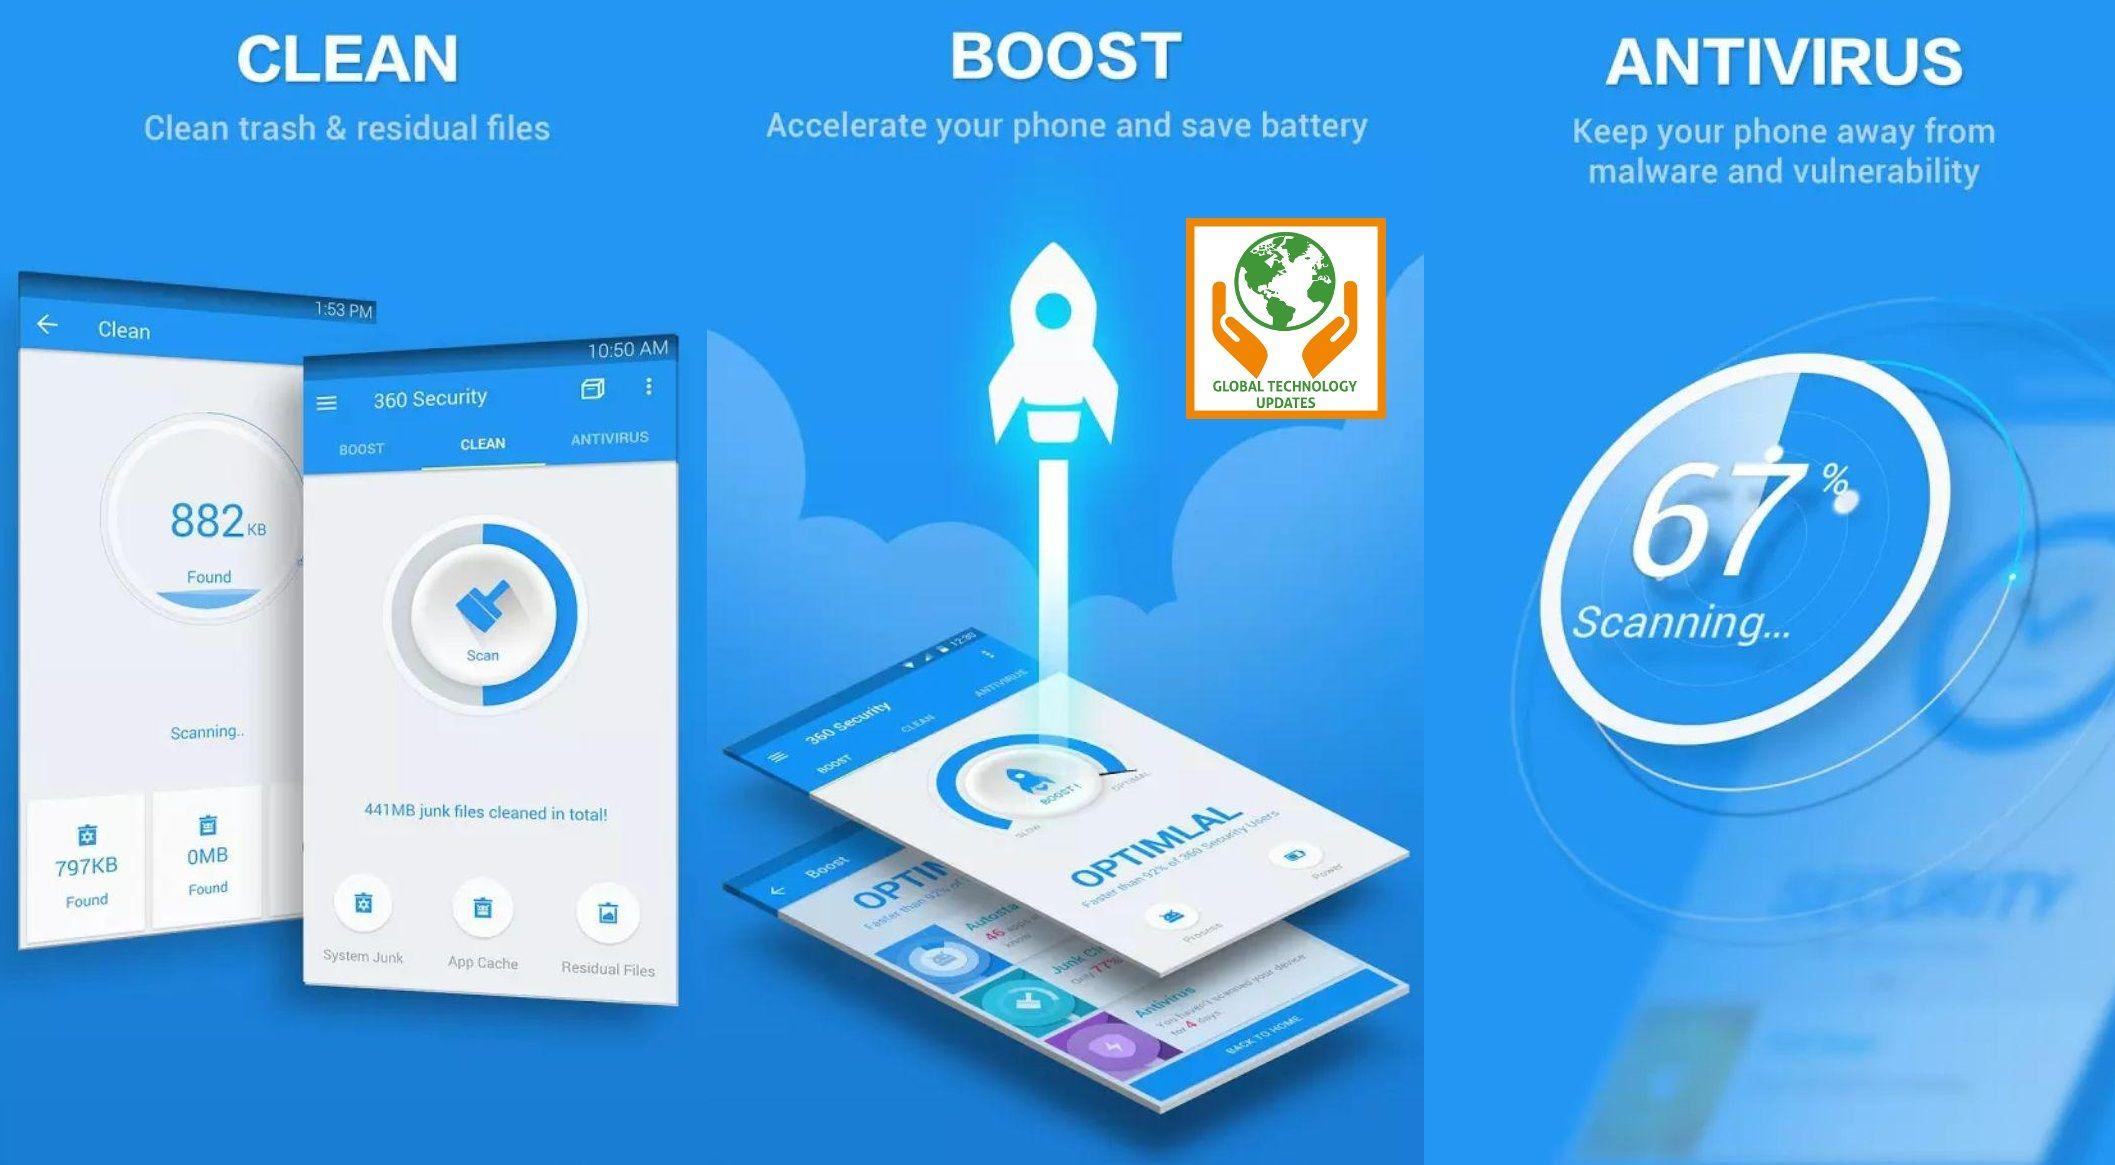 360 Security Antivirus Boost